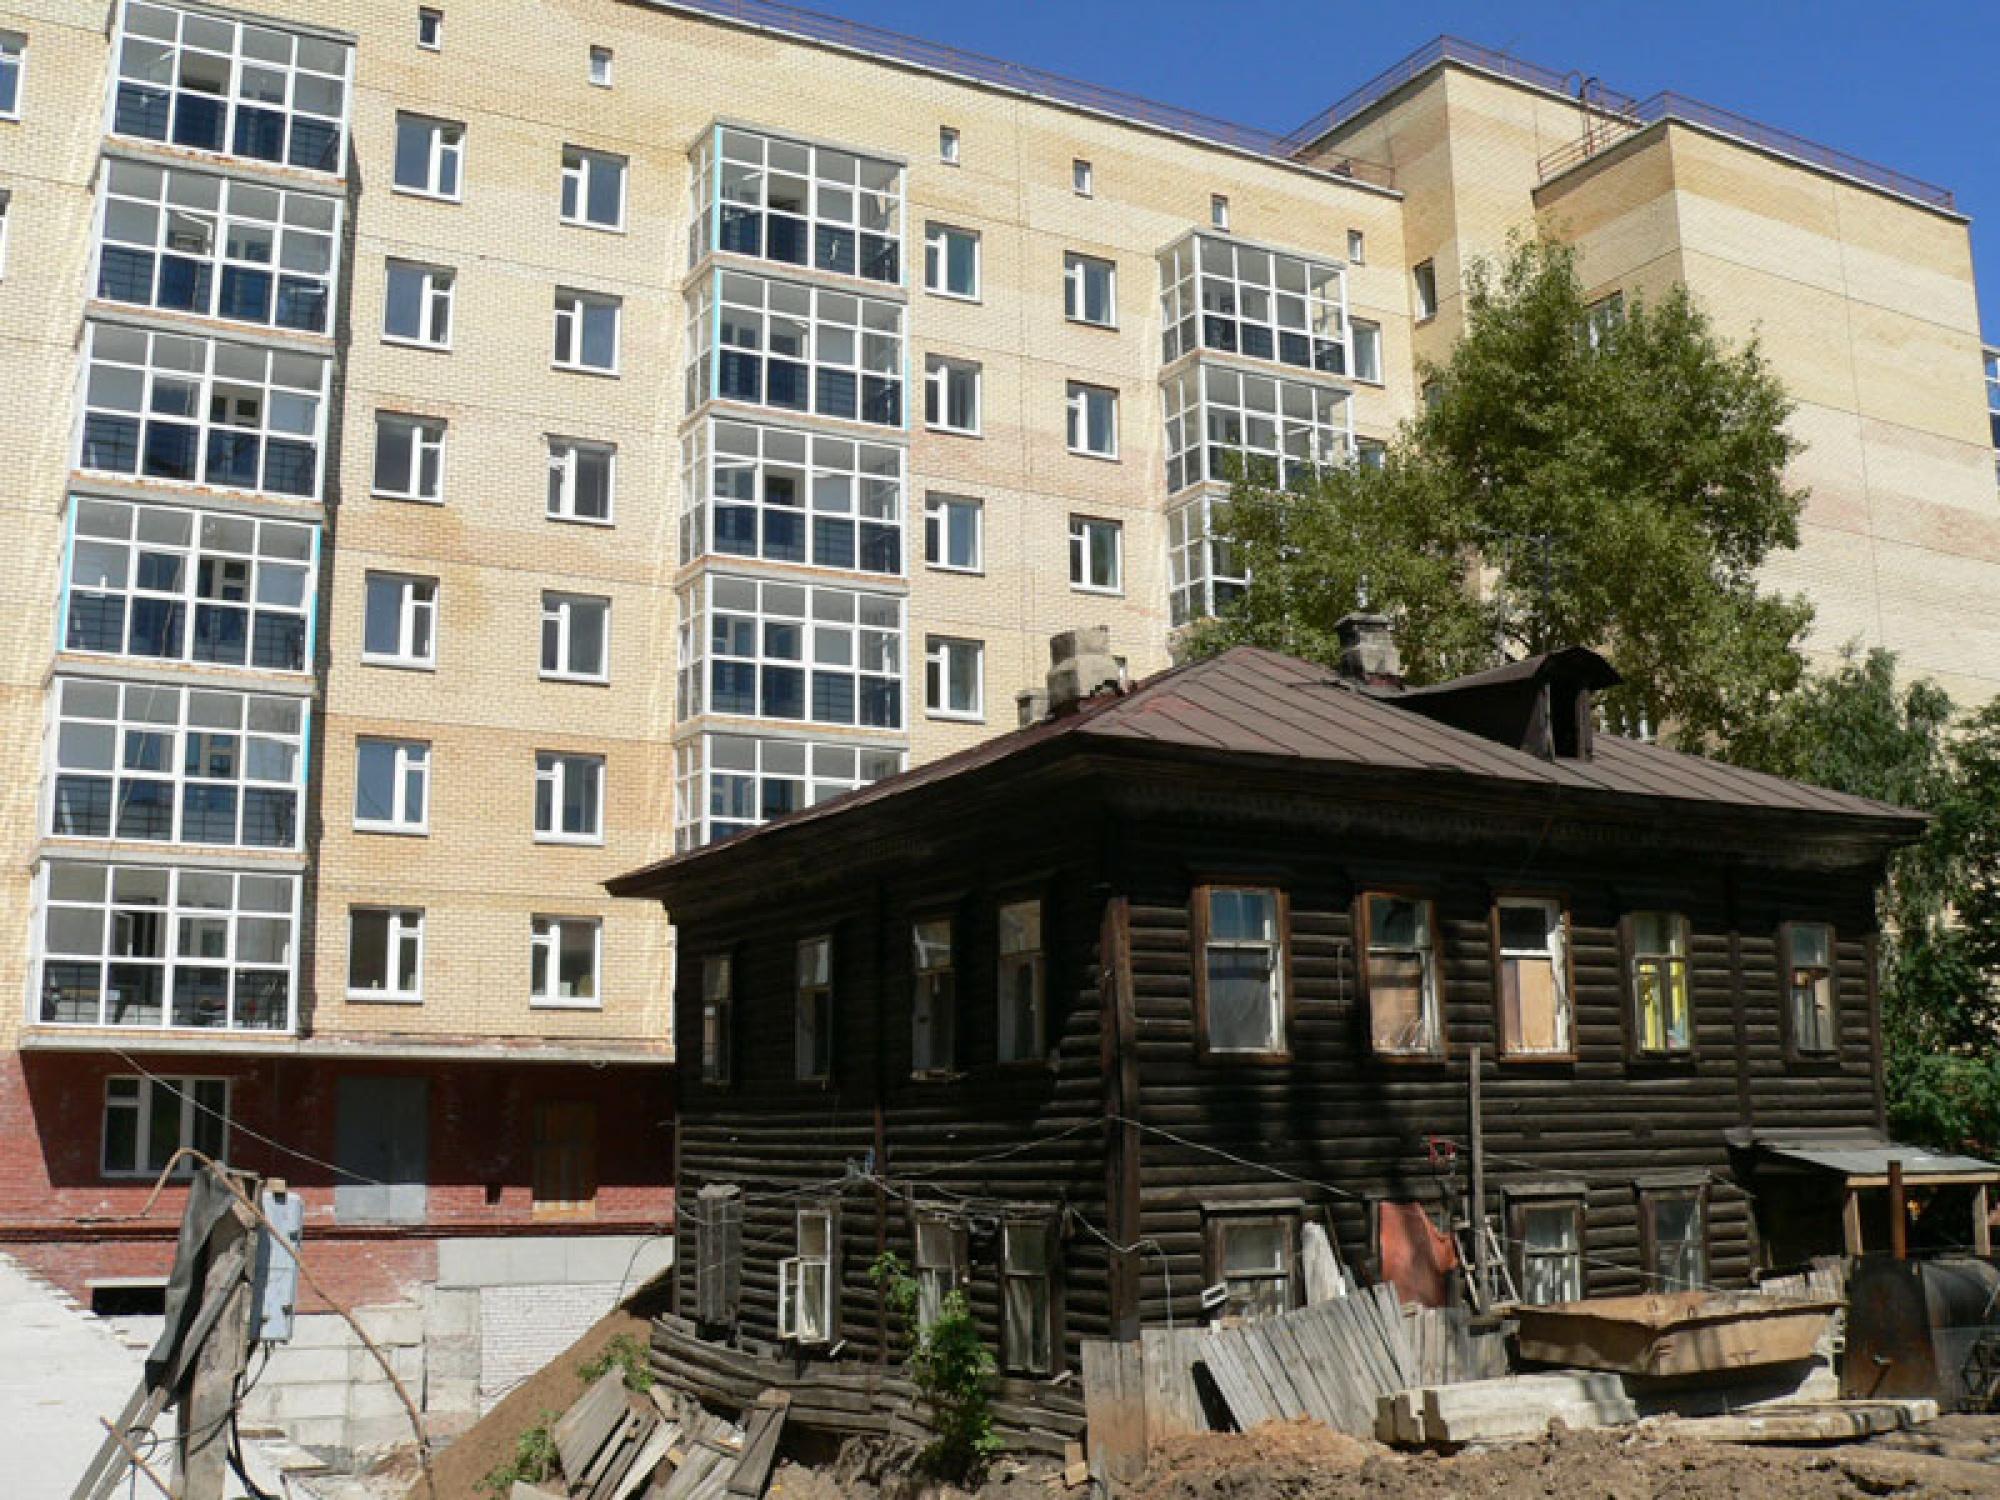 Переселение из ветхого жилья 185 фз нарушения